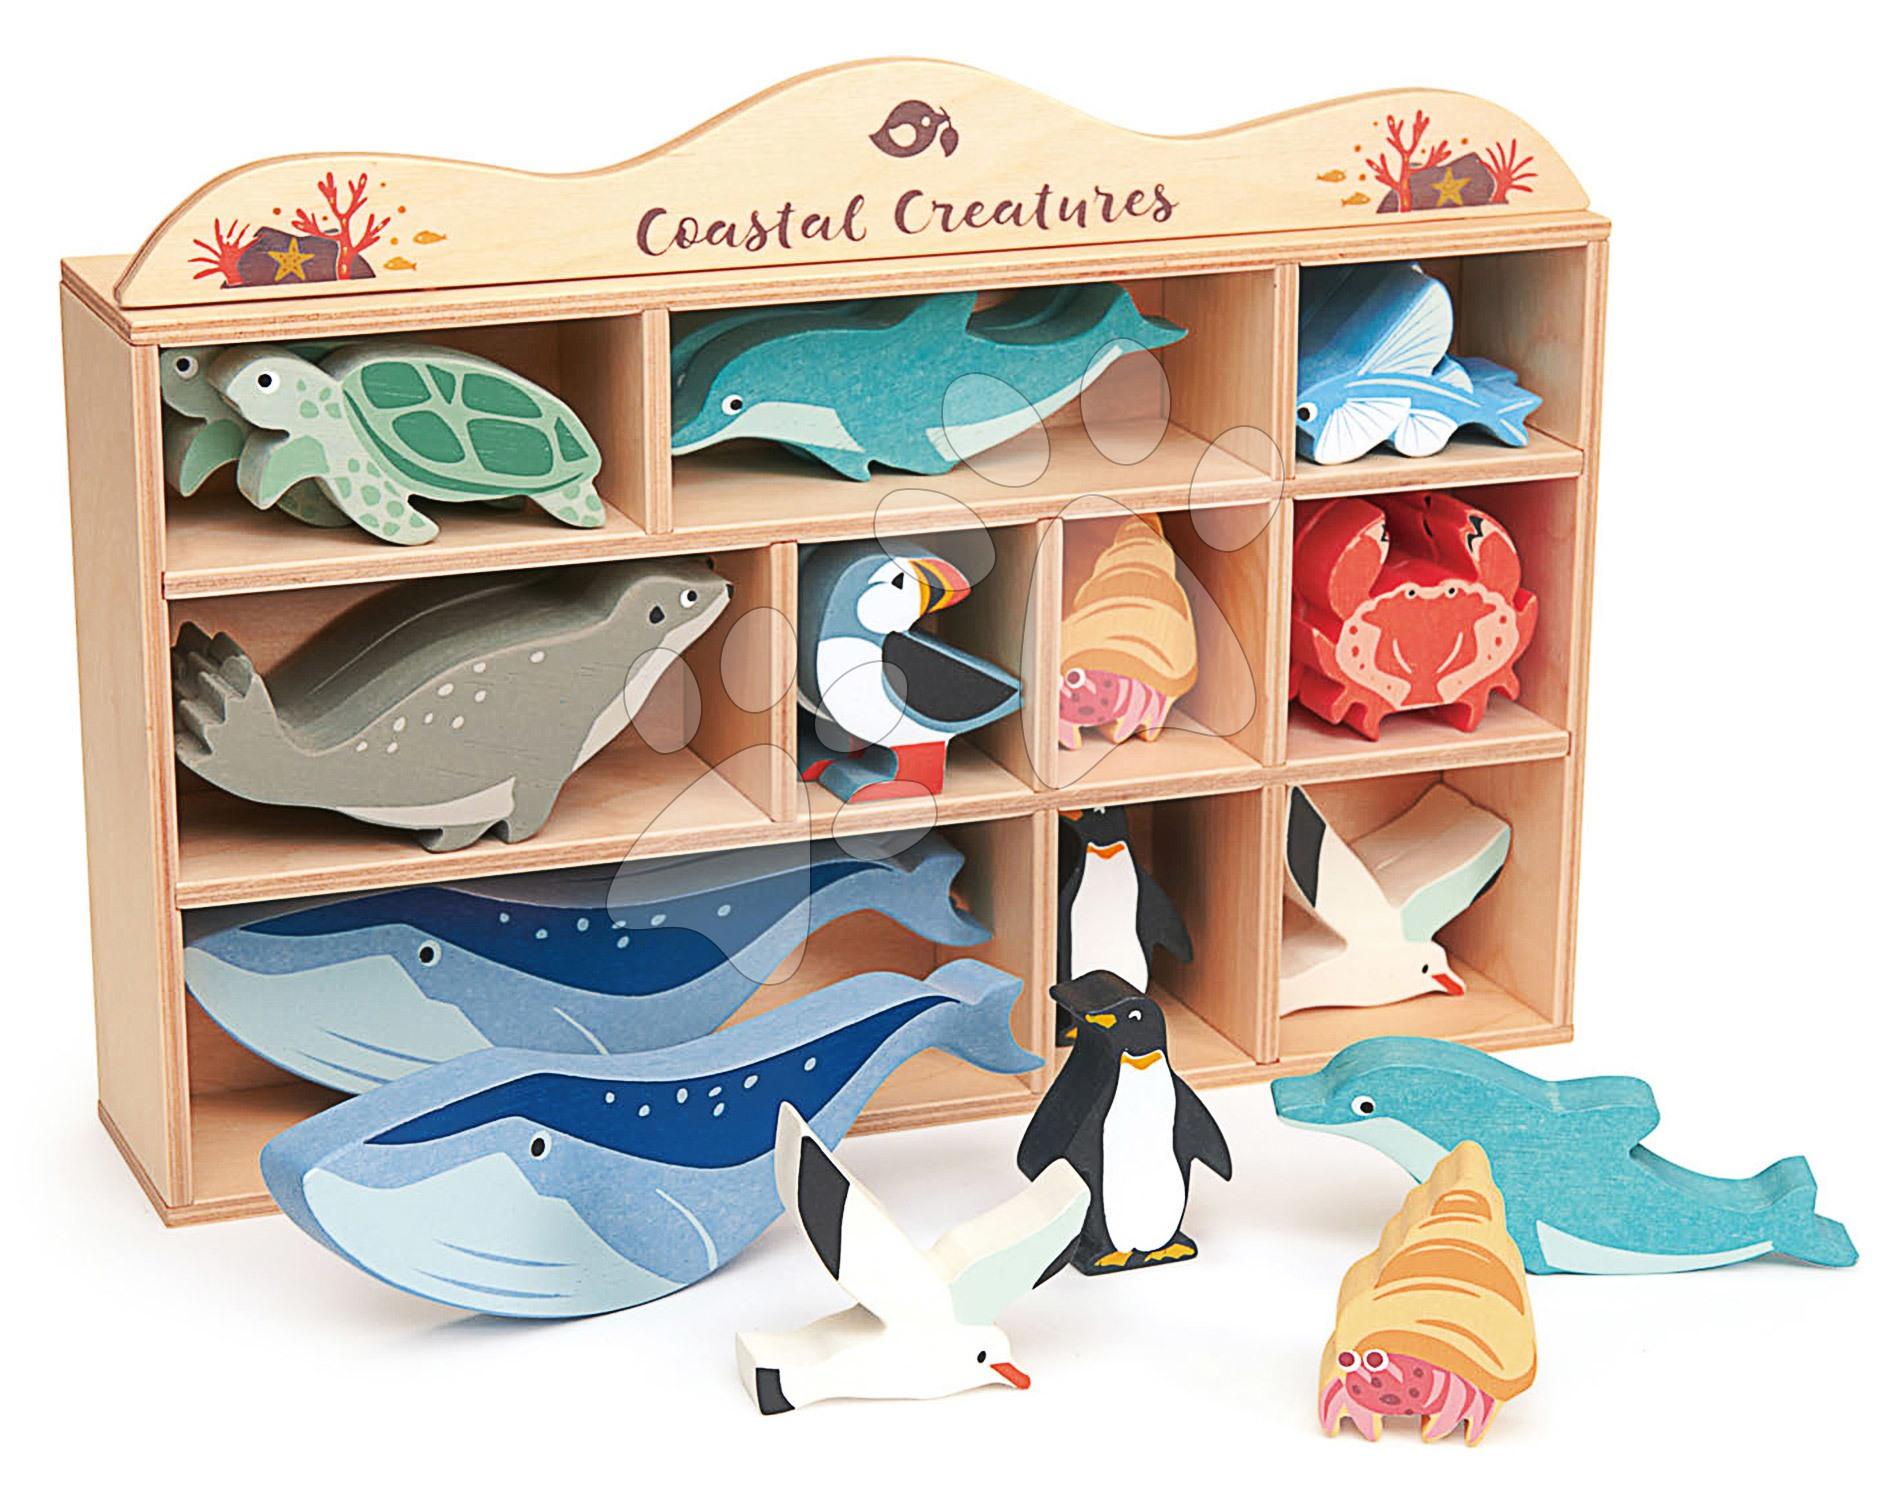 Drevené morské zvieratá na poličke 30 ks Coastal set Tender Leaf Toys